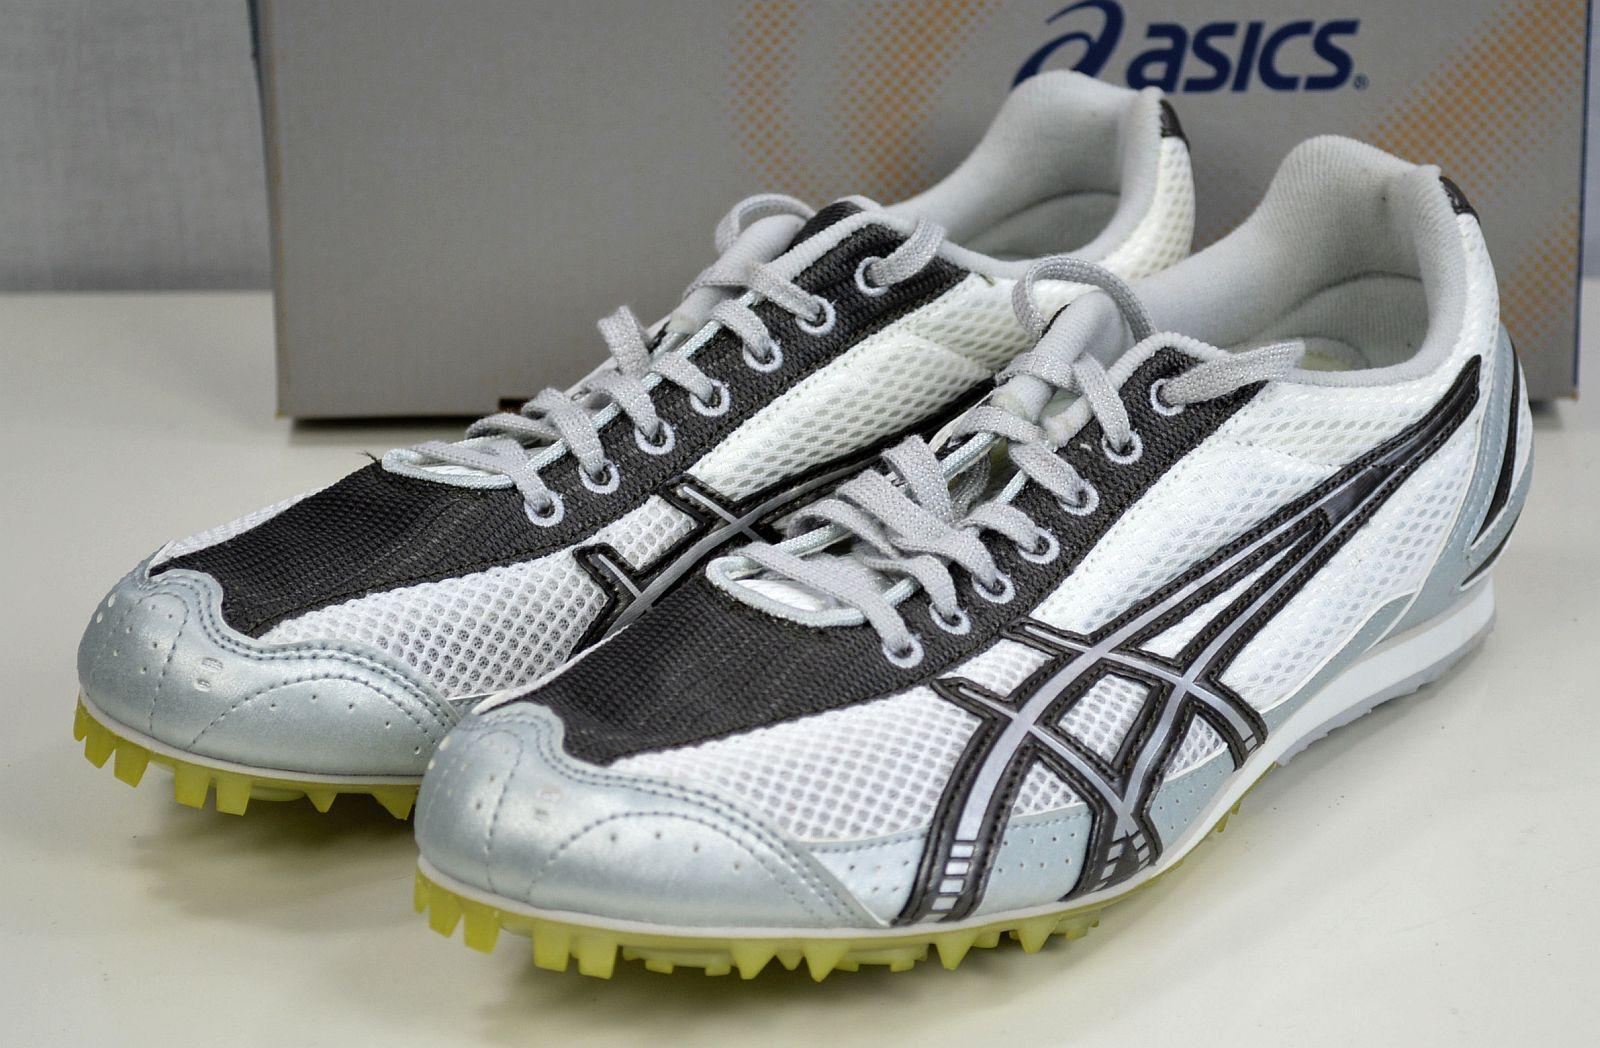 Asics Hyper LD Herren Laufschuhe EU 45 Sportschuhe Herren Schuhe sale 25051703